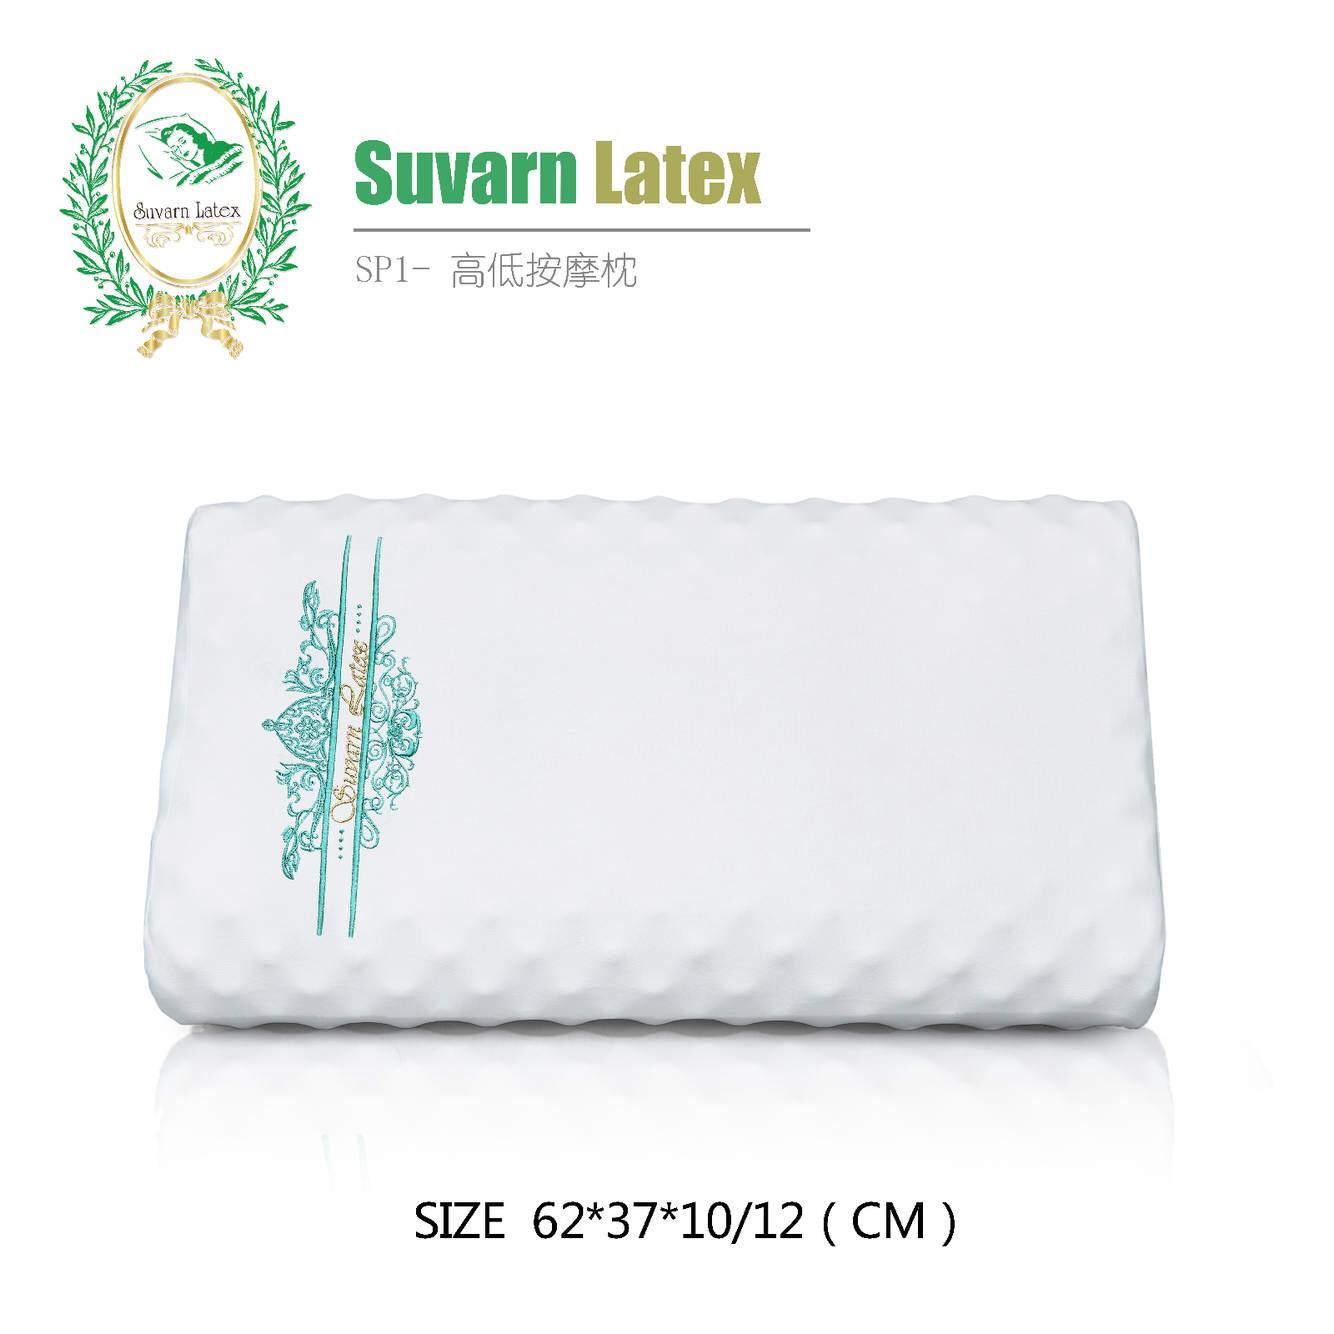 泰国原产 皇家品质 素万天然乳胶枕 成人枕系列 高低护颈按摩枕高版)SP1